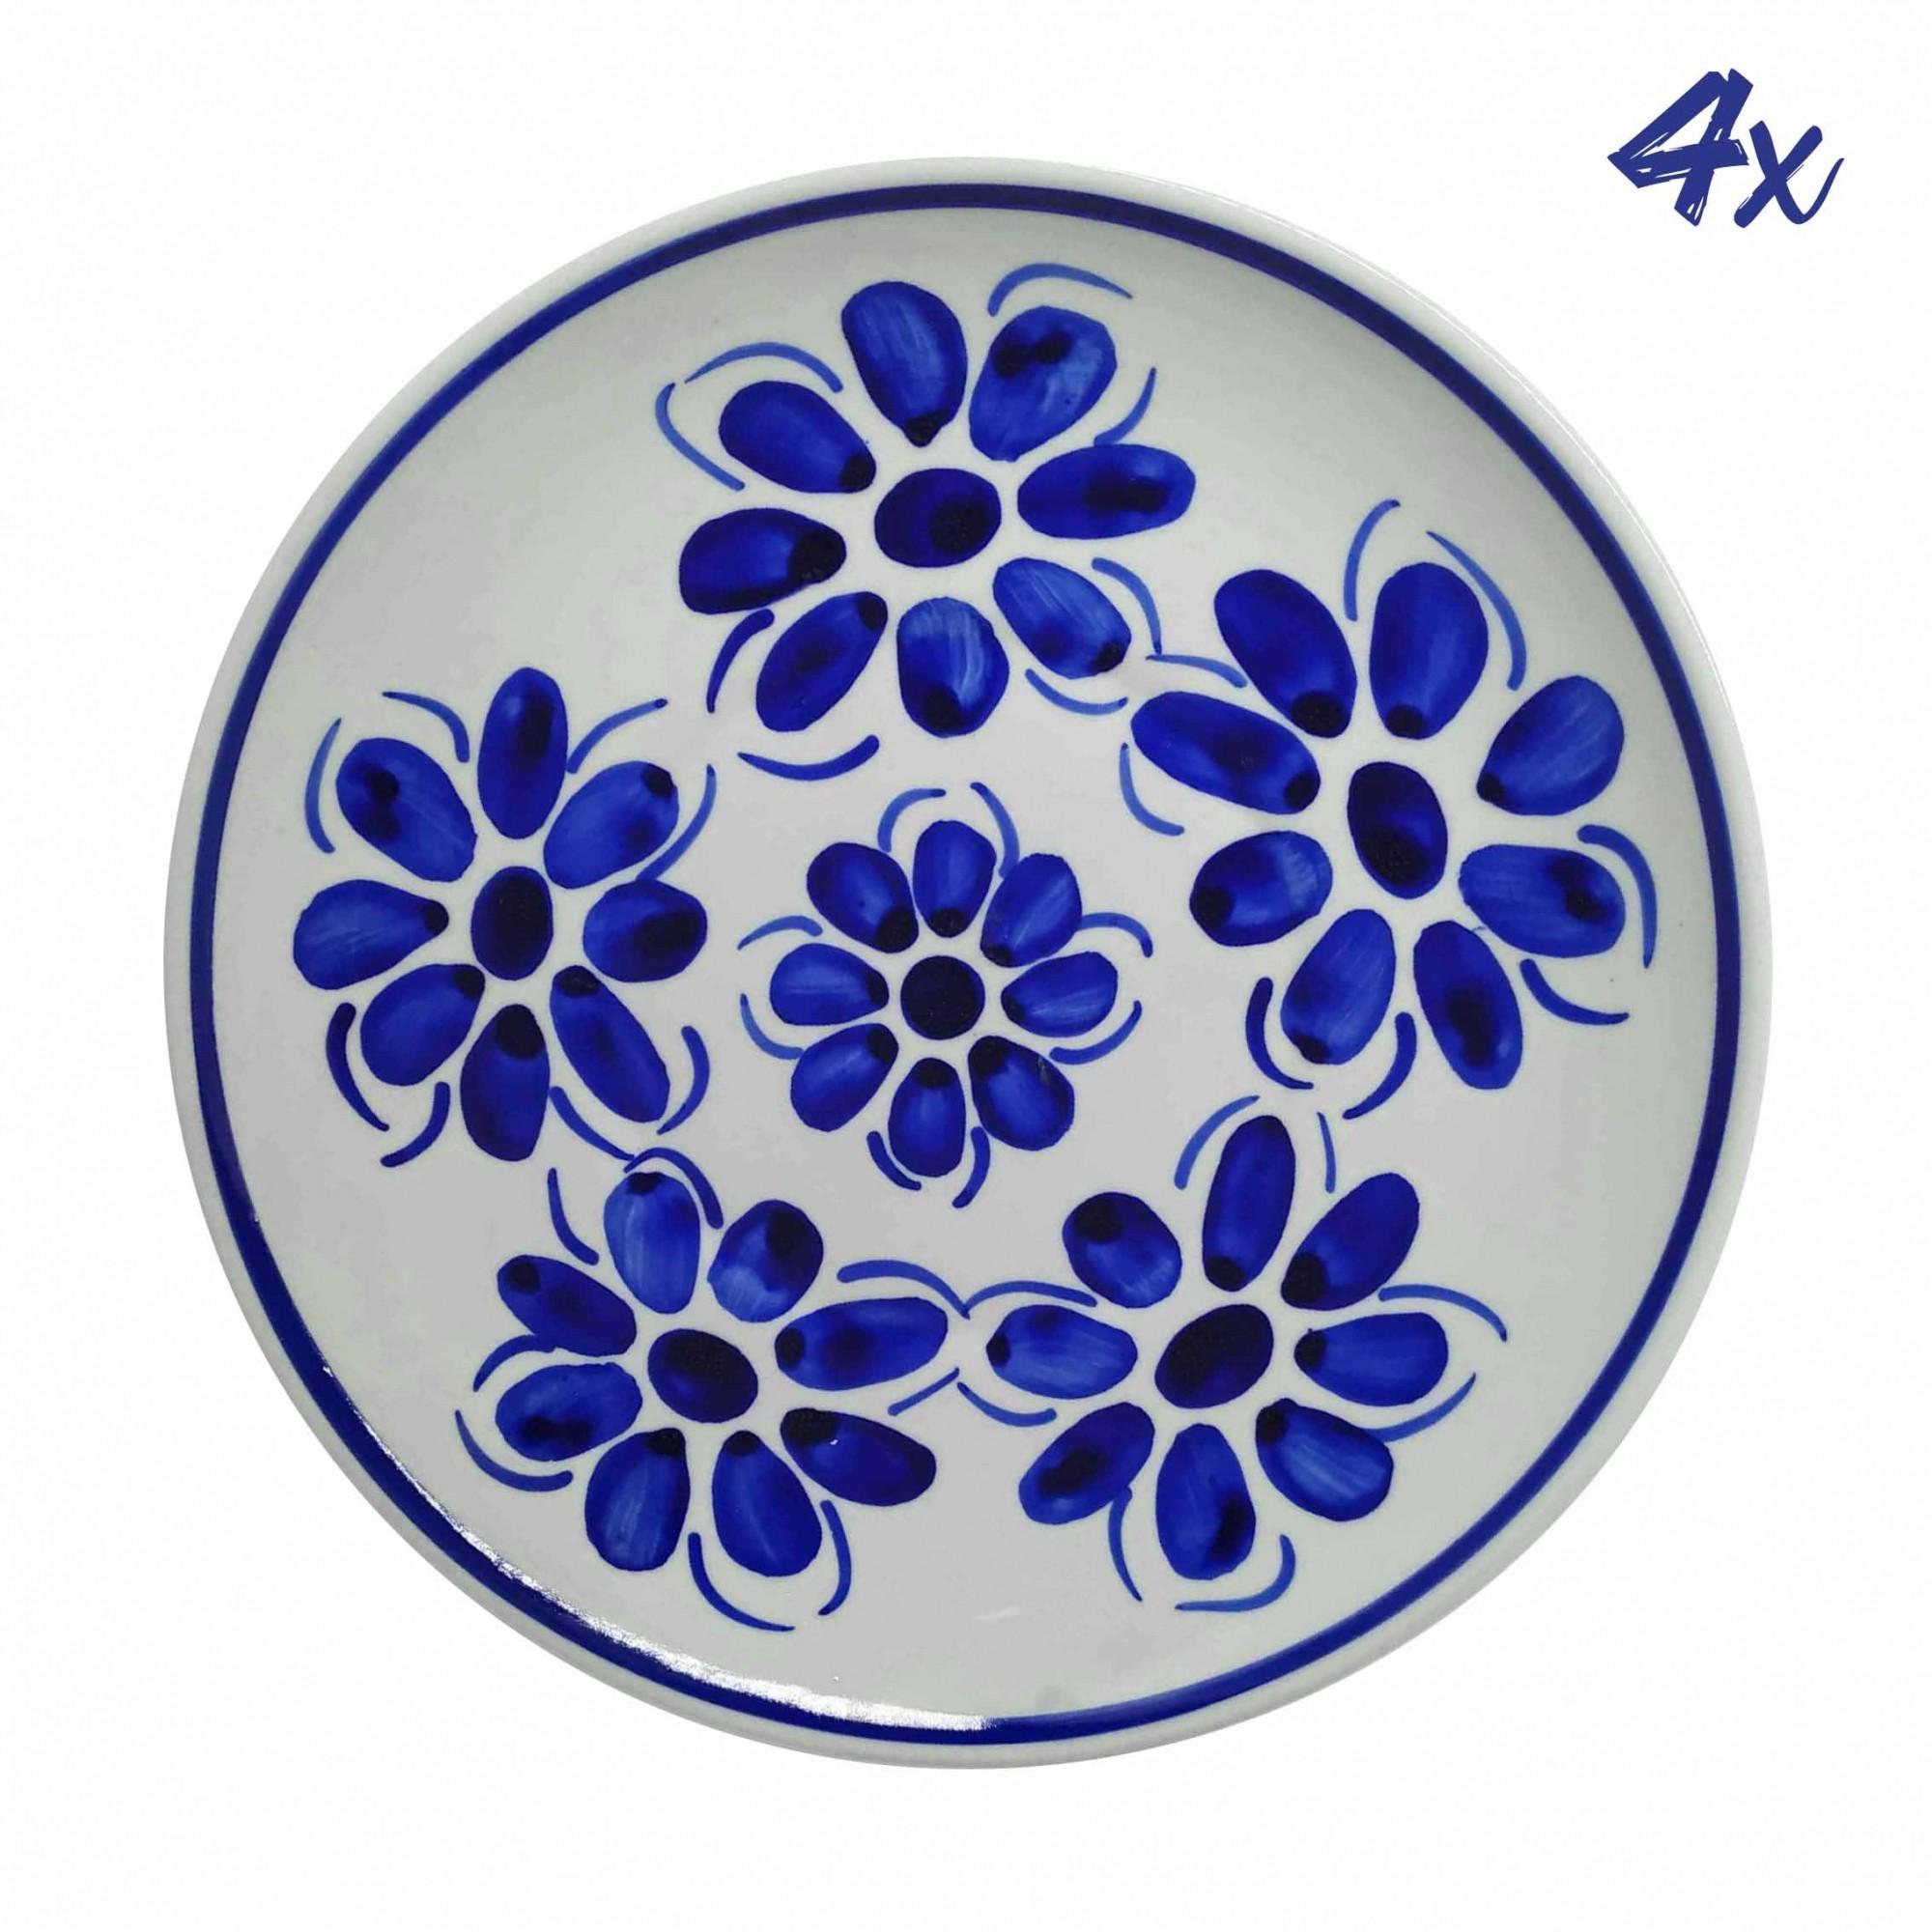 Jogo de 4 Pratos Rasos 22,5 cm Porcelana Azul Vintage